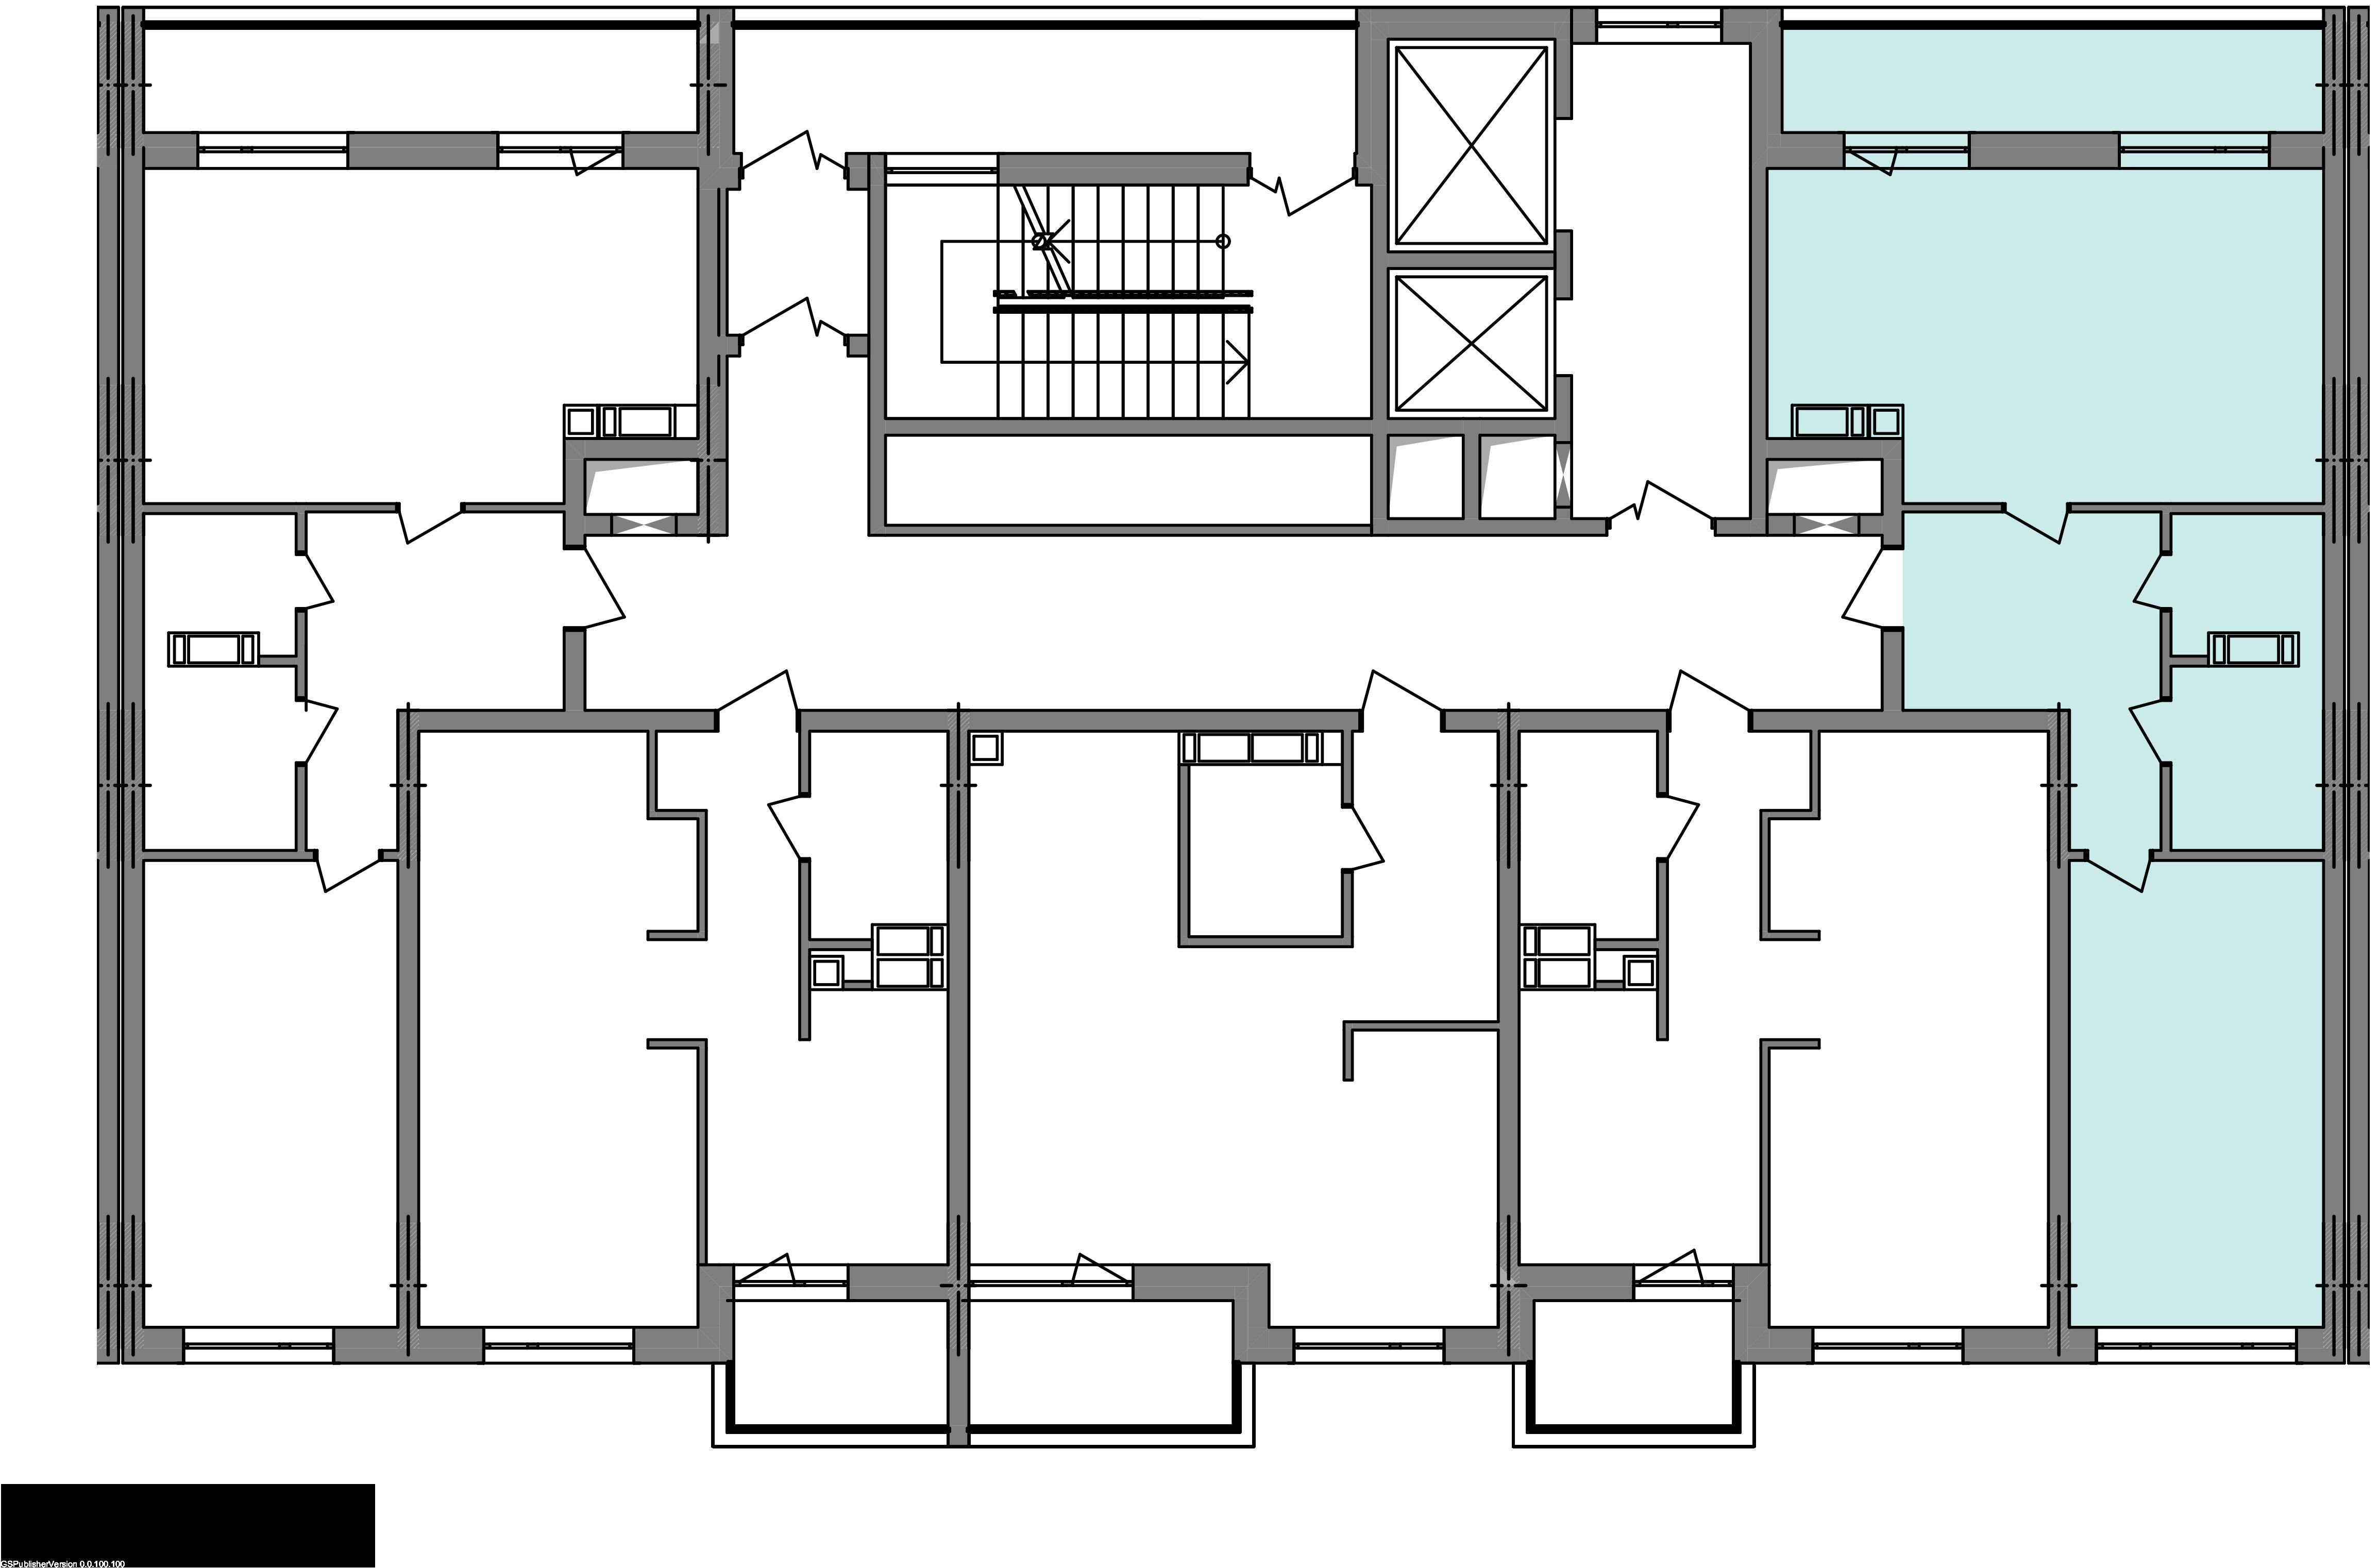 Двухкомнатная квартира 60,69 кв.м., тип 2.1, дом 3, секция 2 расположение на этаже